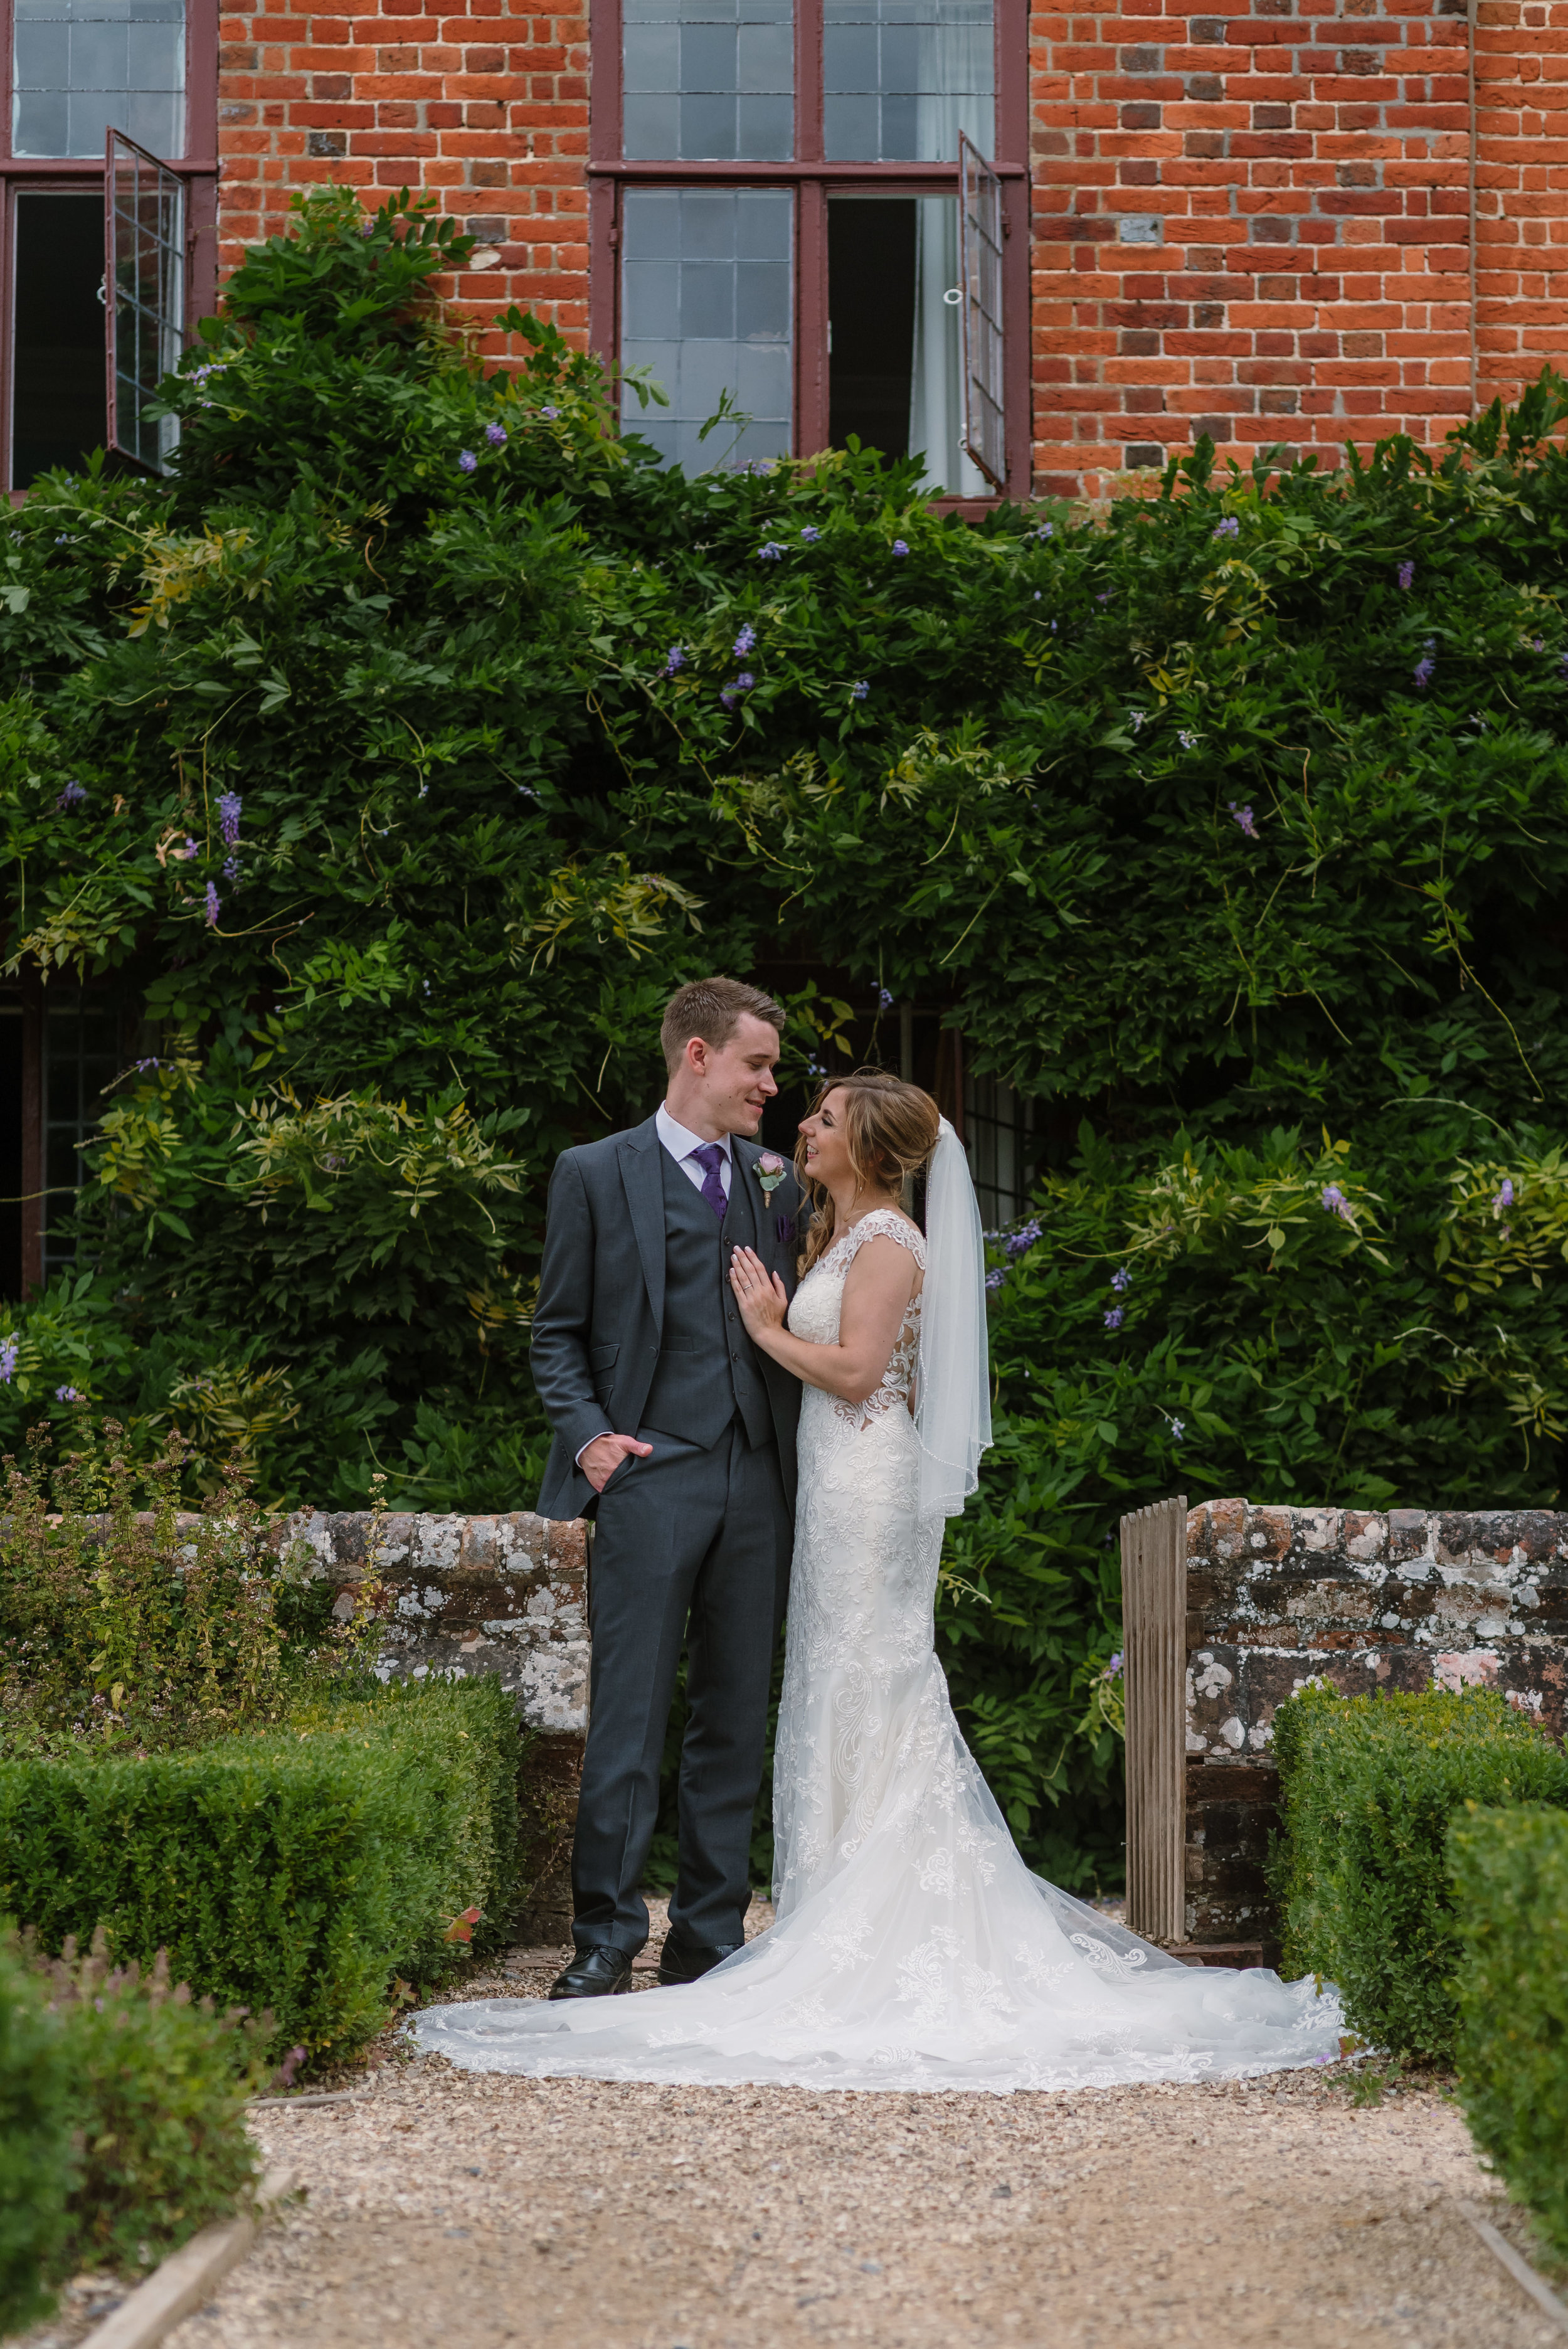 Hampshire Wedding Photographer Hampshire : Ufton-Court-Wedding : Barn-wedding-venue-hampshire : sarah-fishlock-photography : hampshire-barn-wedding-810.jpg